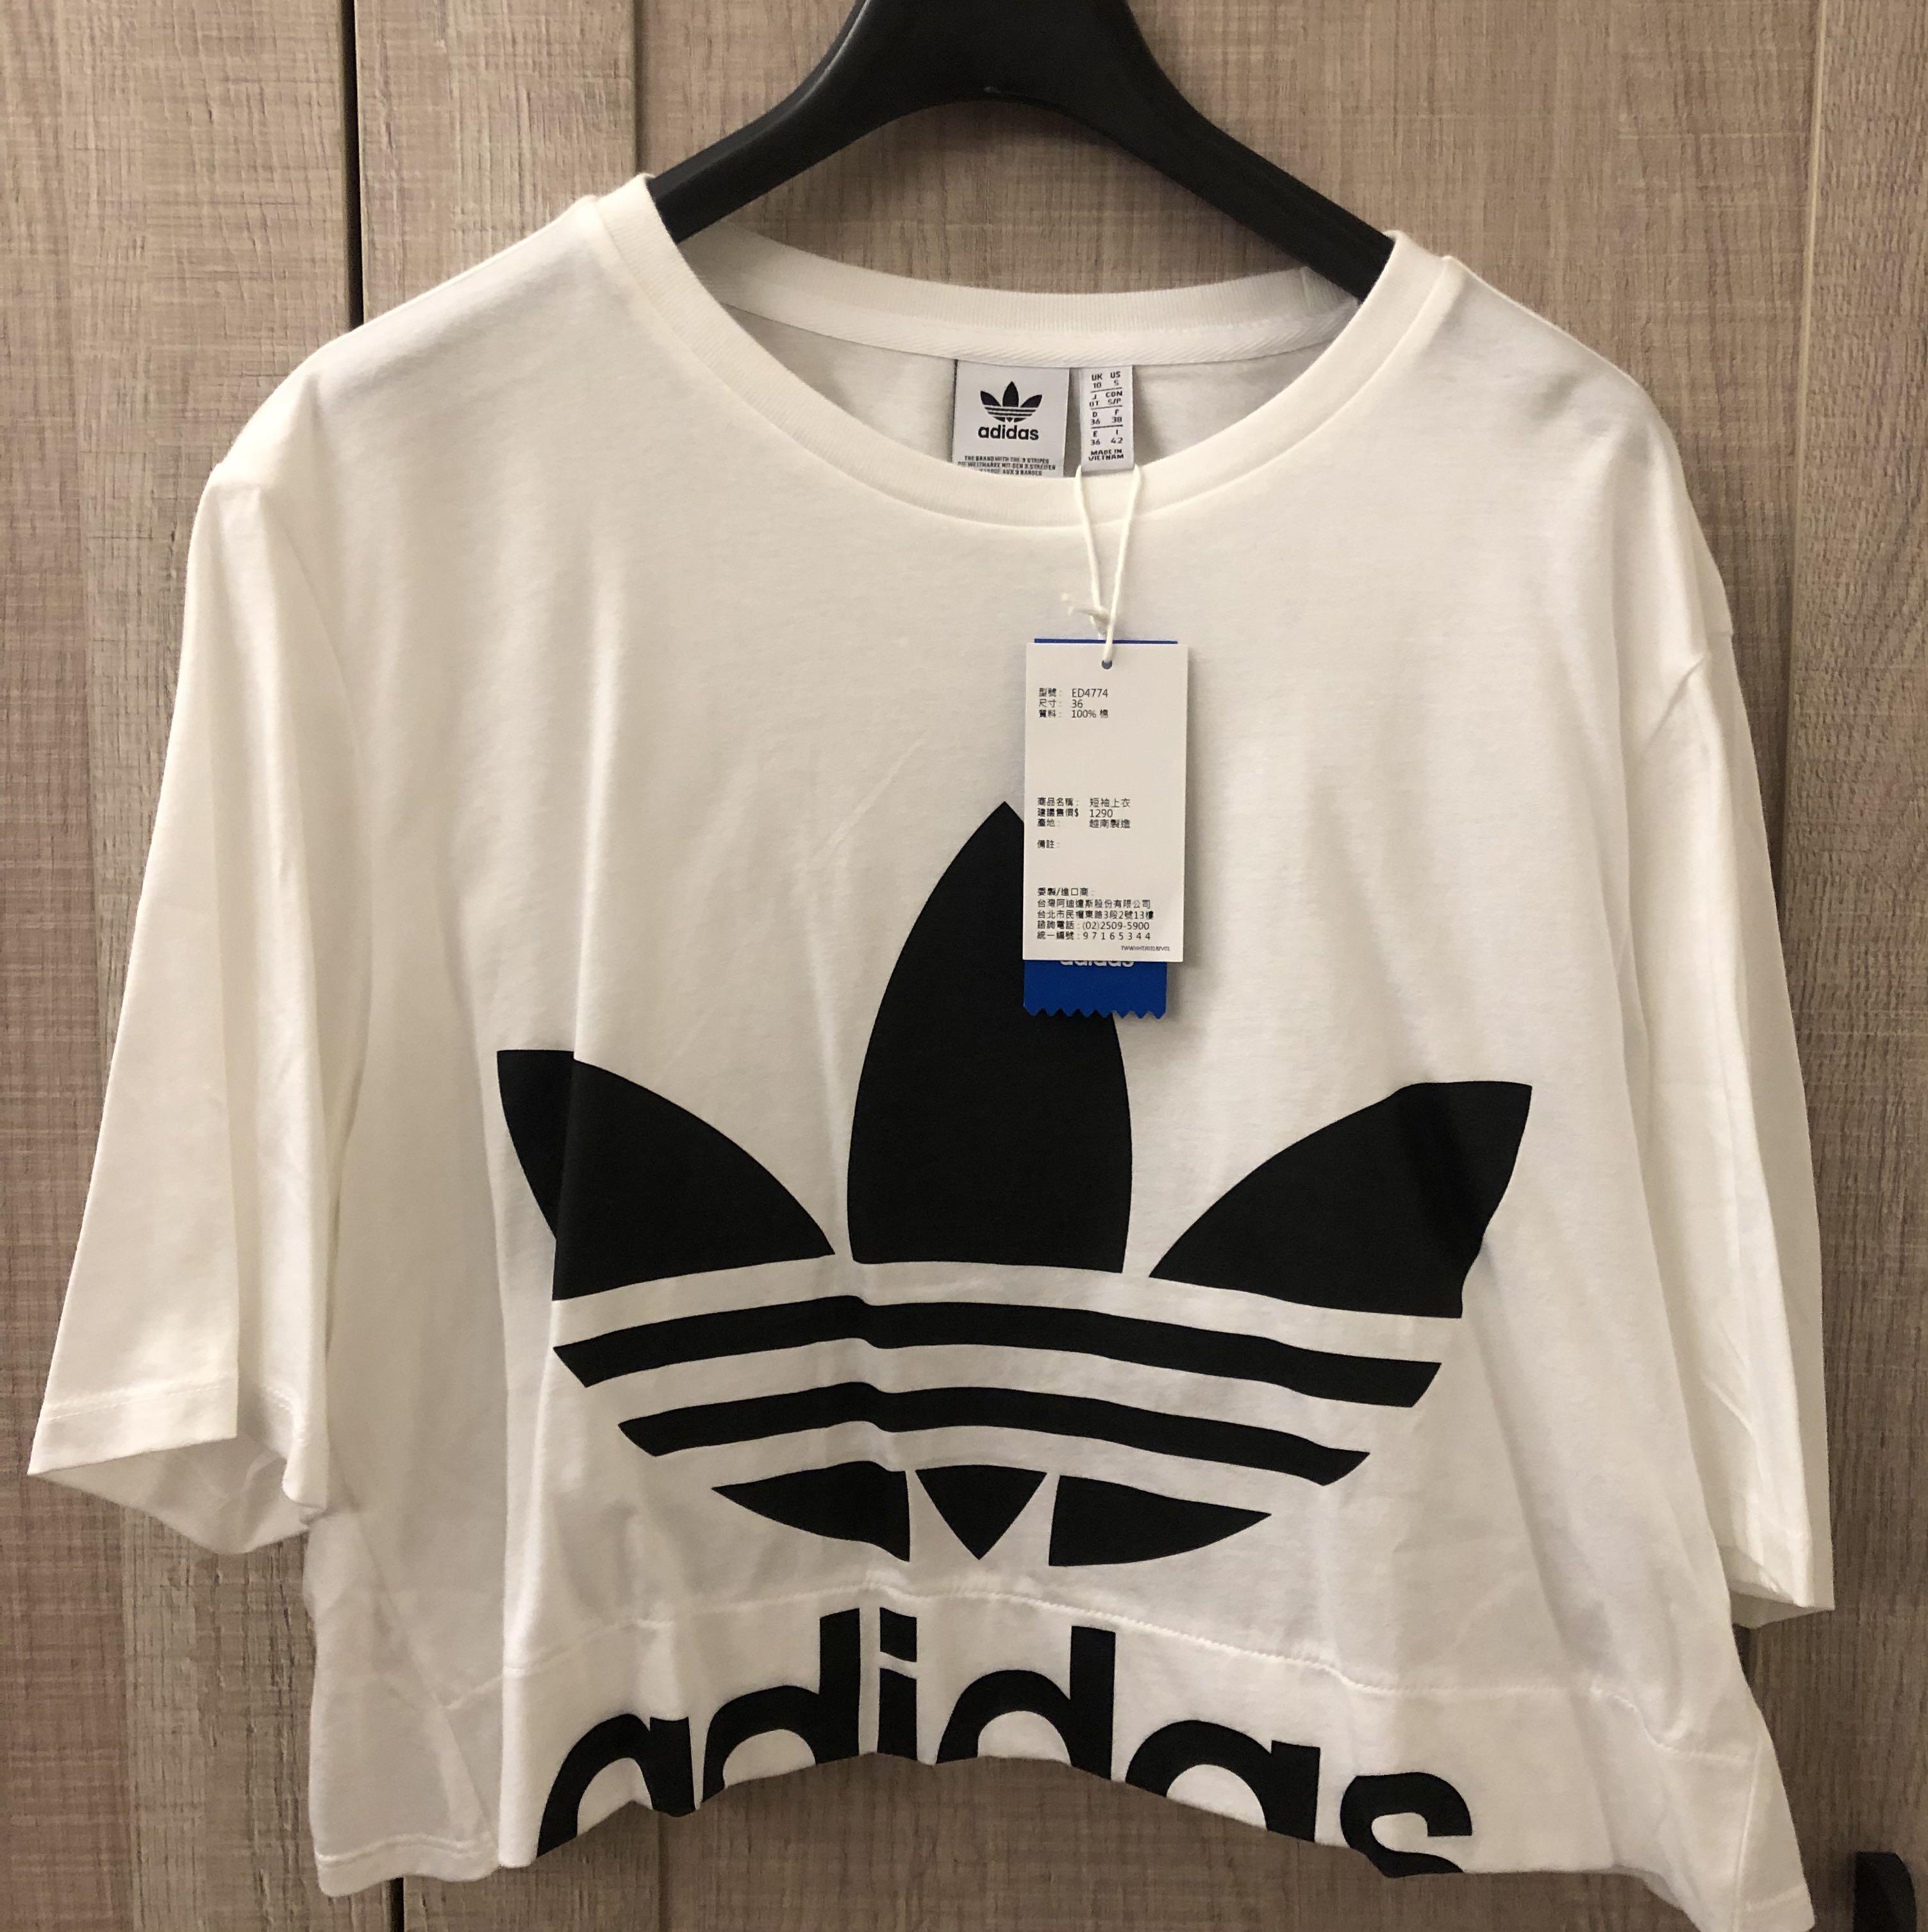 Adidas 運動設計上衣 半件式造型 S 最後一張官網尺寸表可參考